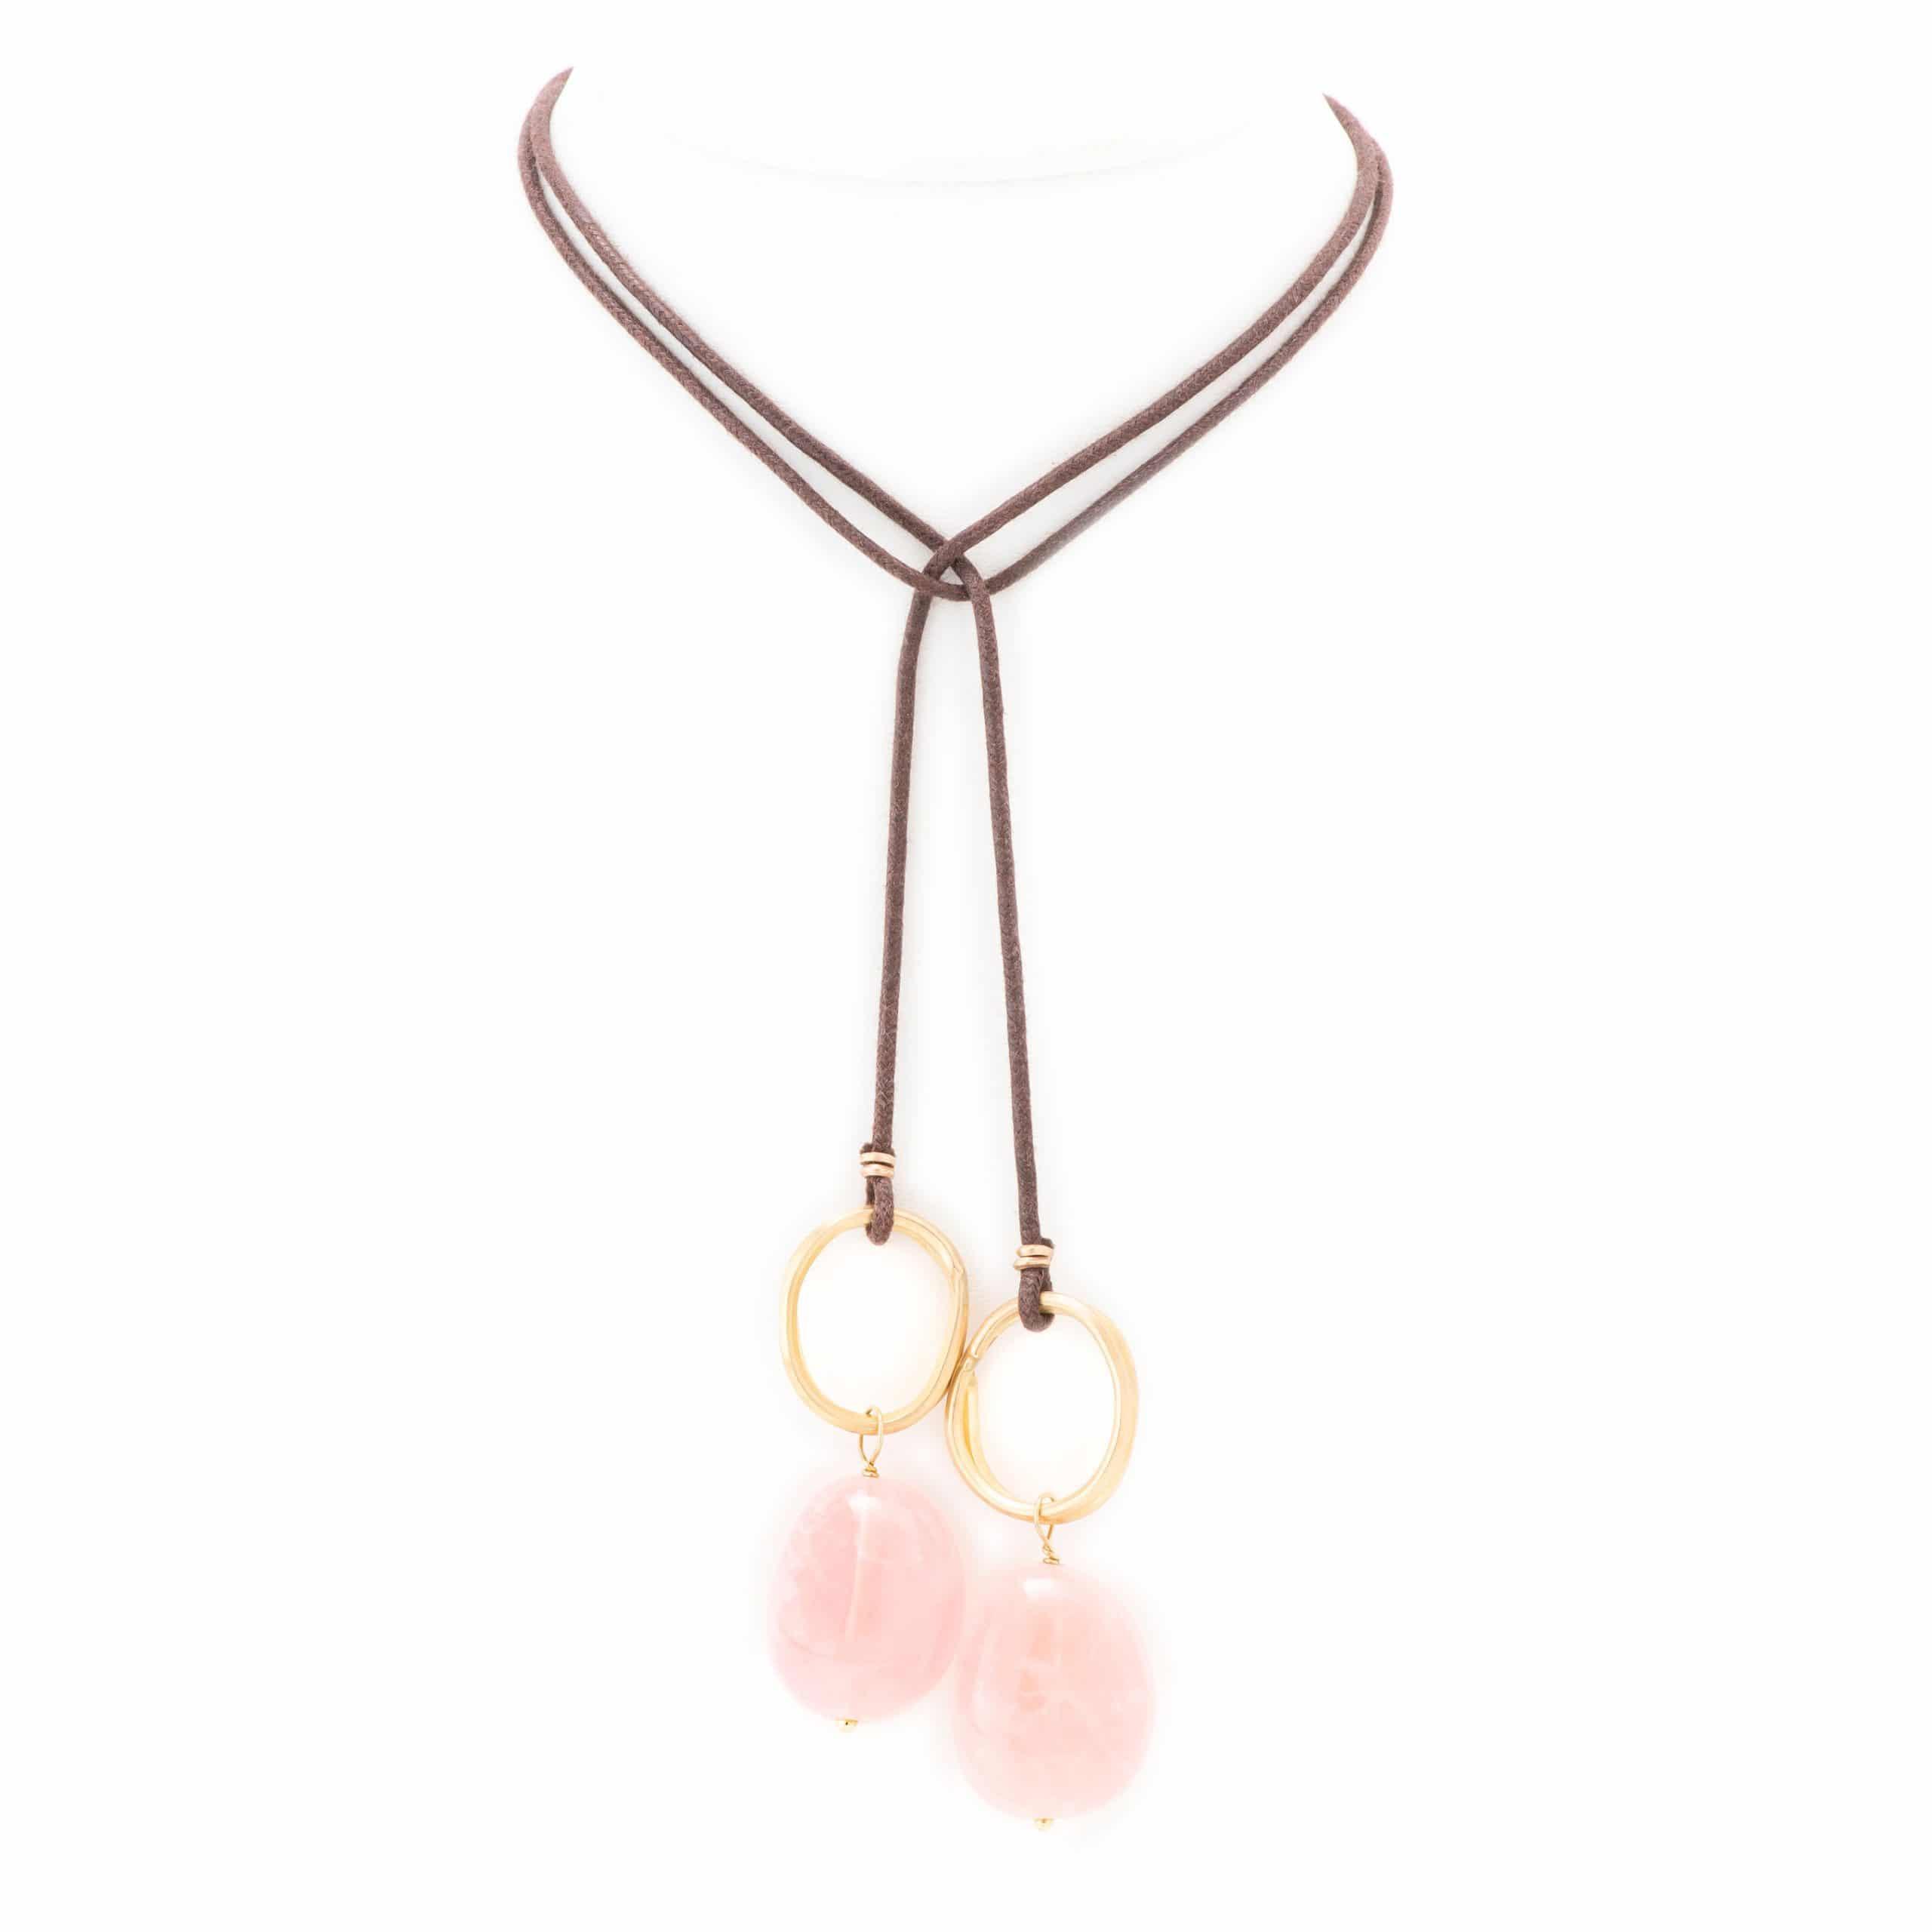 Collier lien anneaux quartz rose